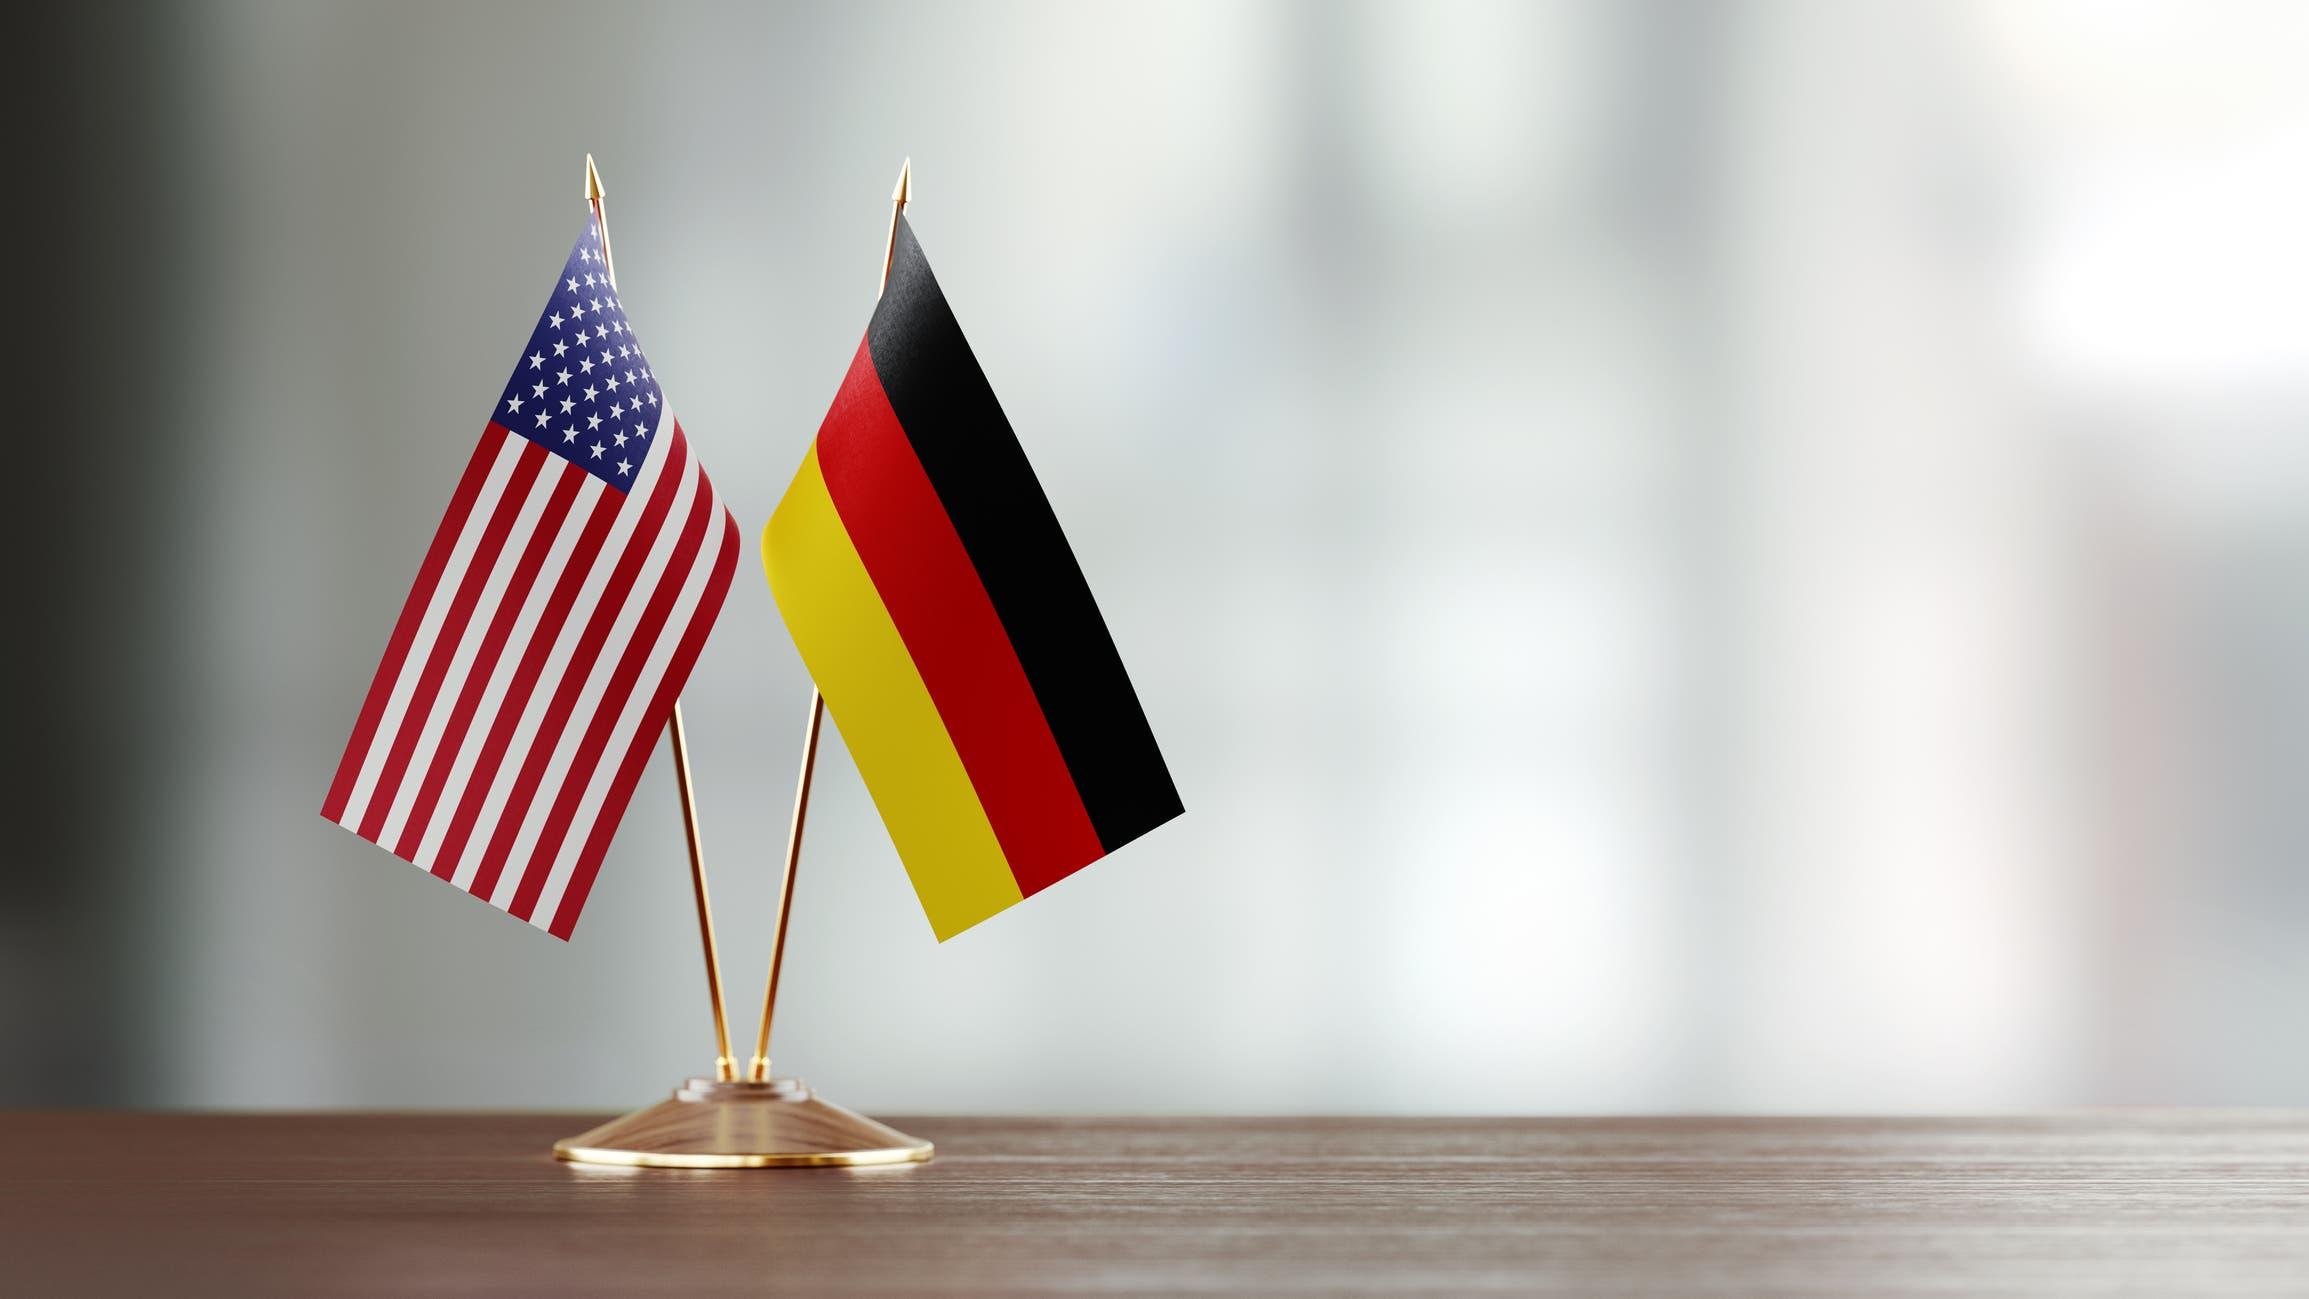 العلم الألماني والأميركي - تعبيرية